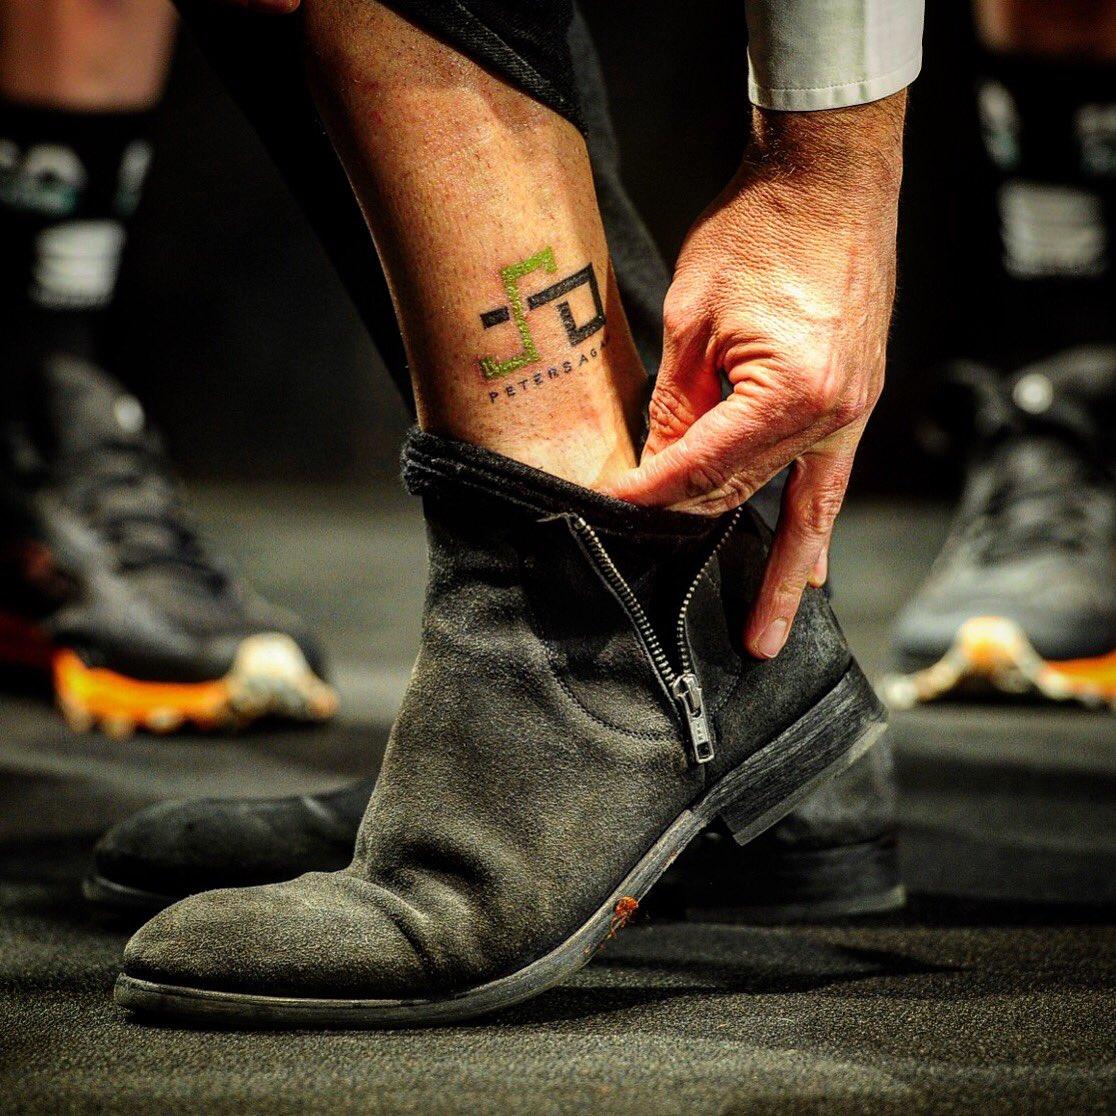 Tatuaje Peter Sagan